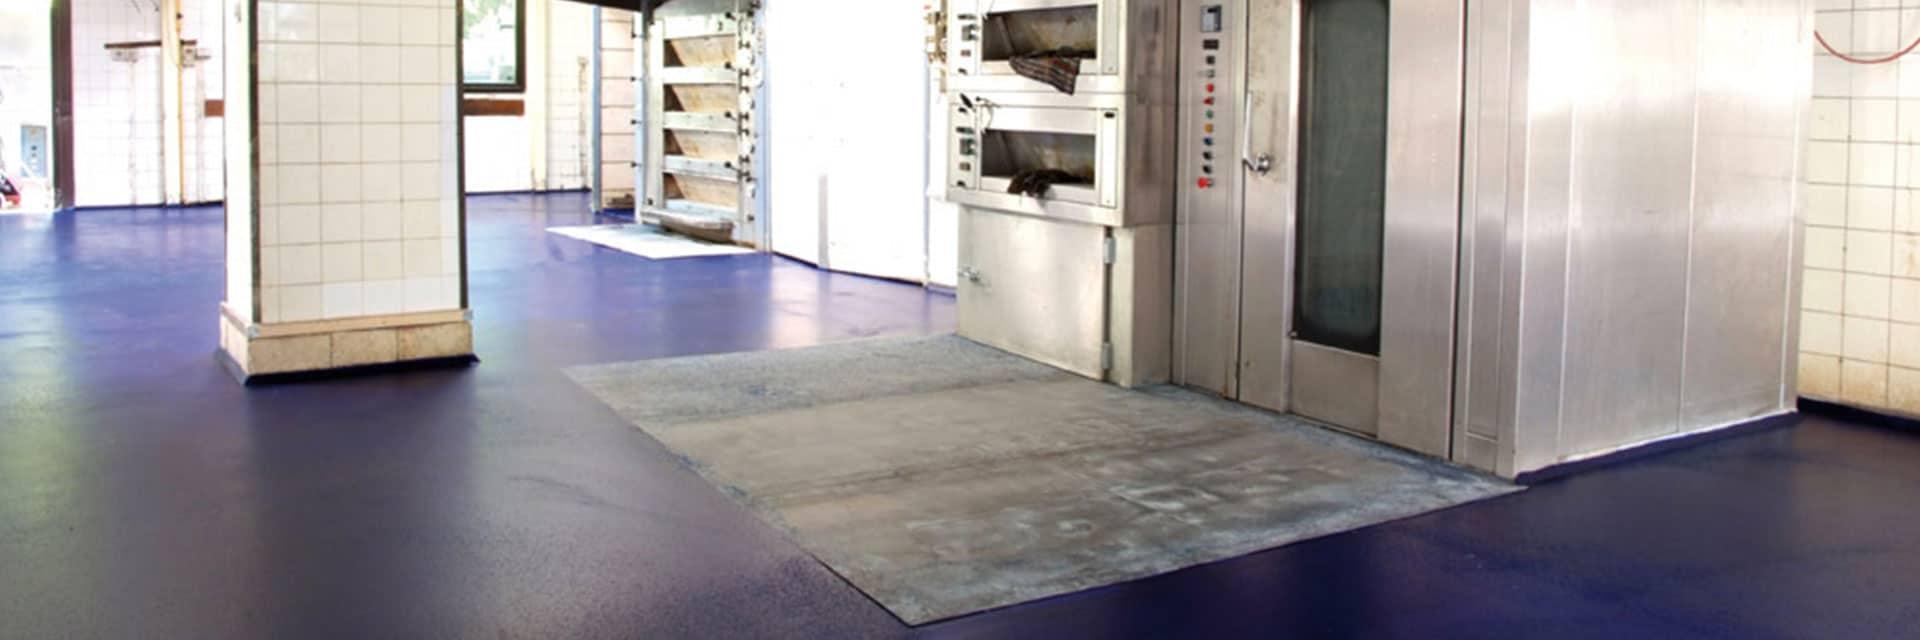 De troffelvloer als keukenvloer